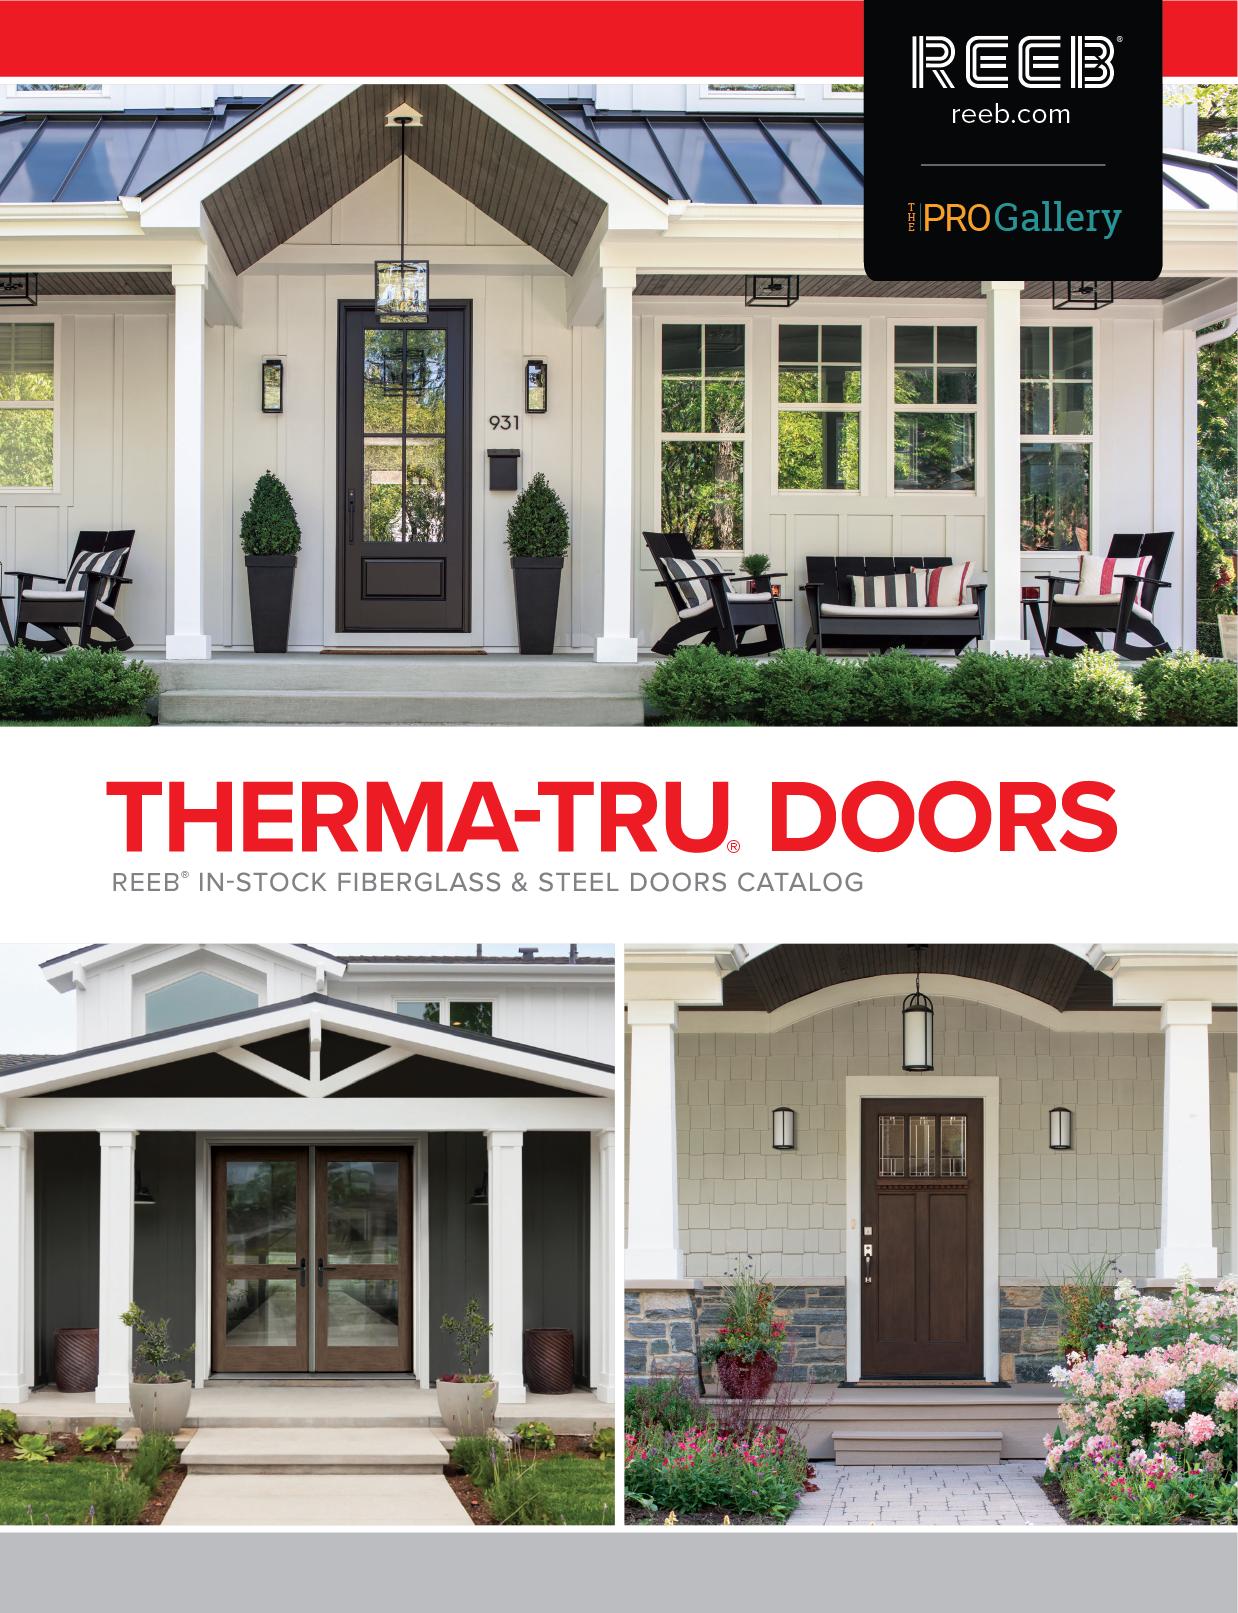 ThermaTru Door Catalog